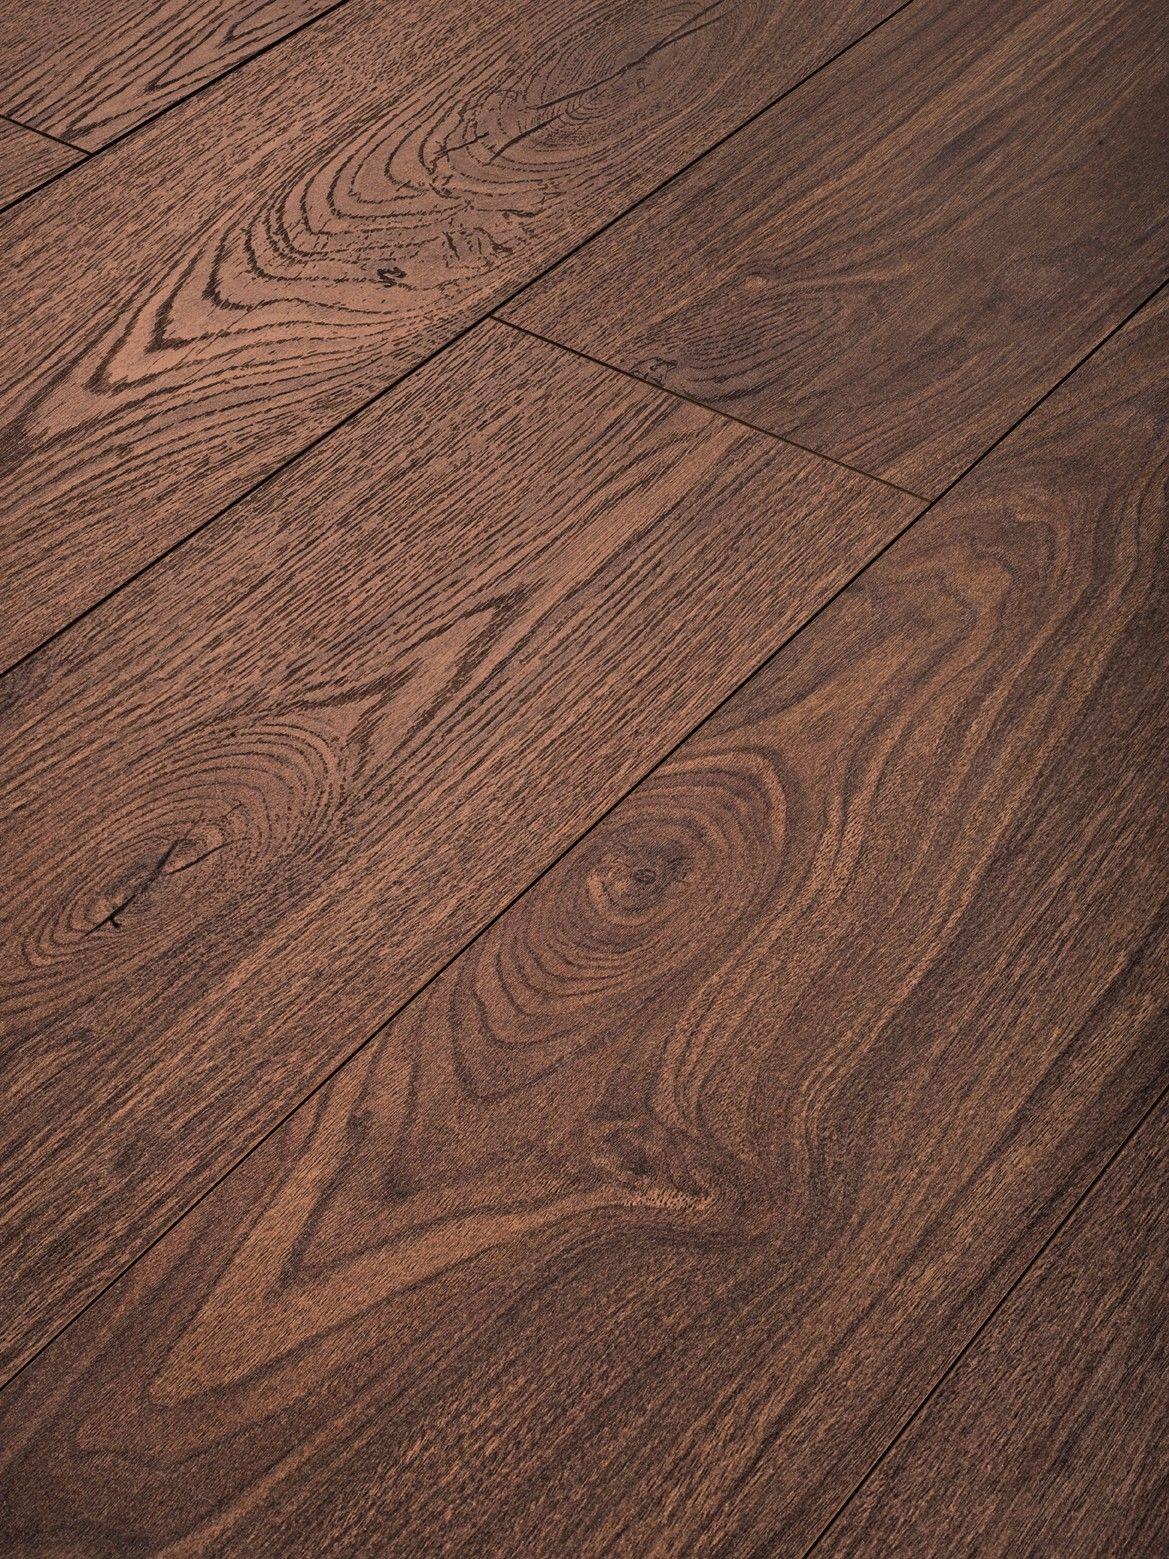 Vantage Wood 14mm Laminate Flooring Laminate Flooring Ideas